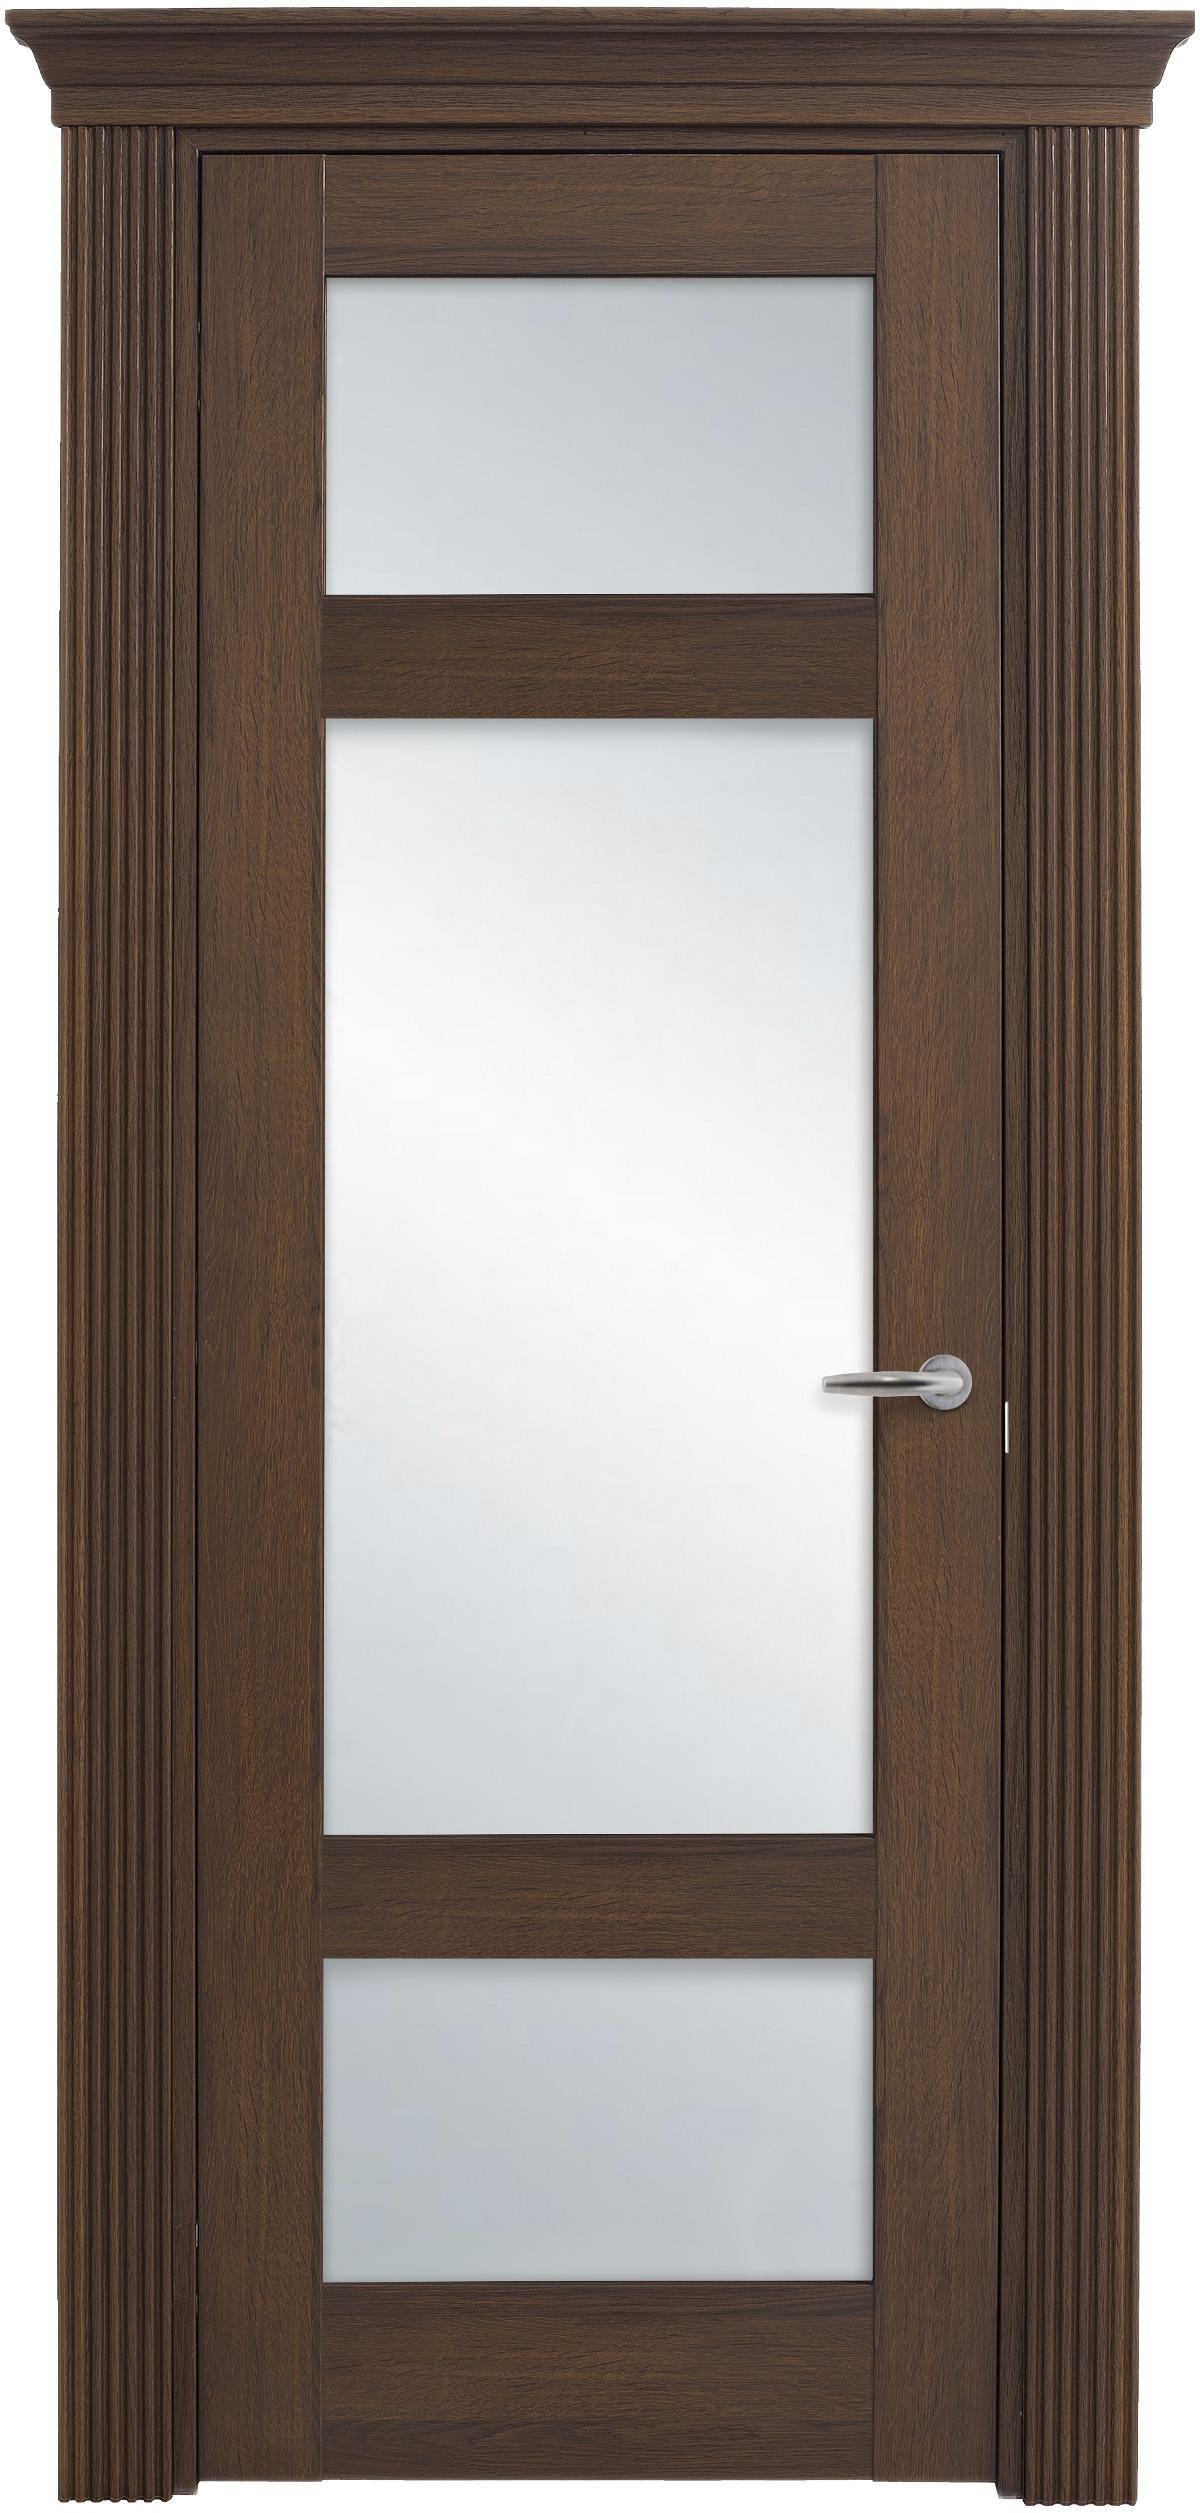 Межкомнатная / входная дверь, отделка: экошпон ГРЕЧЕСКИЙ ОРЕХ, Solo Classic 3SnP-3